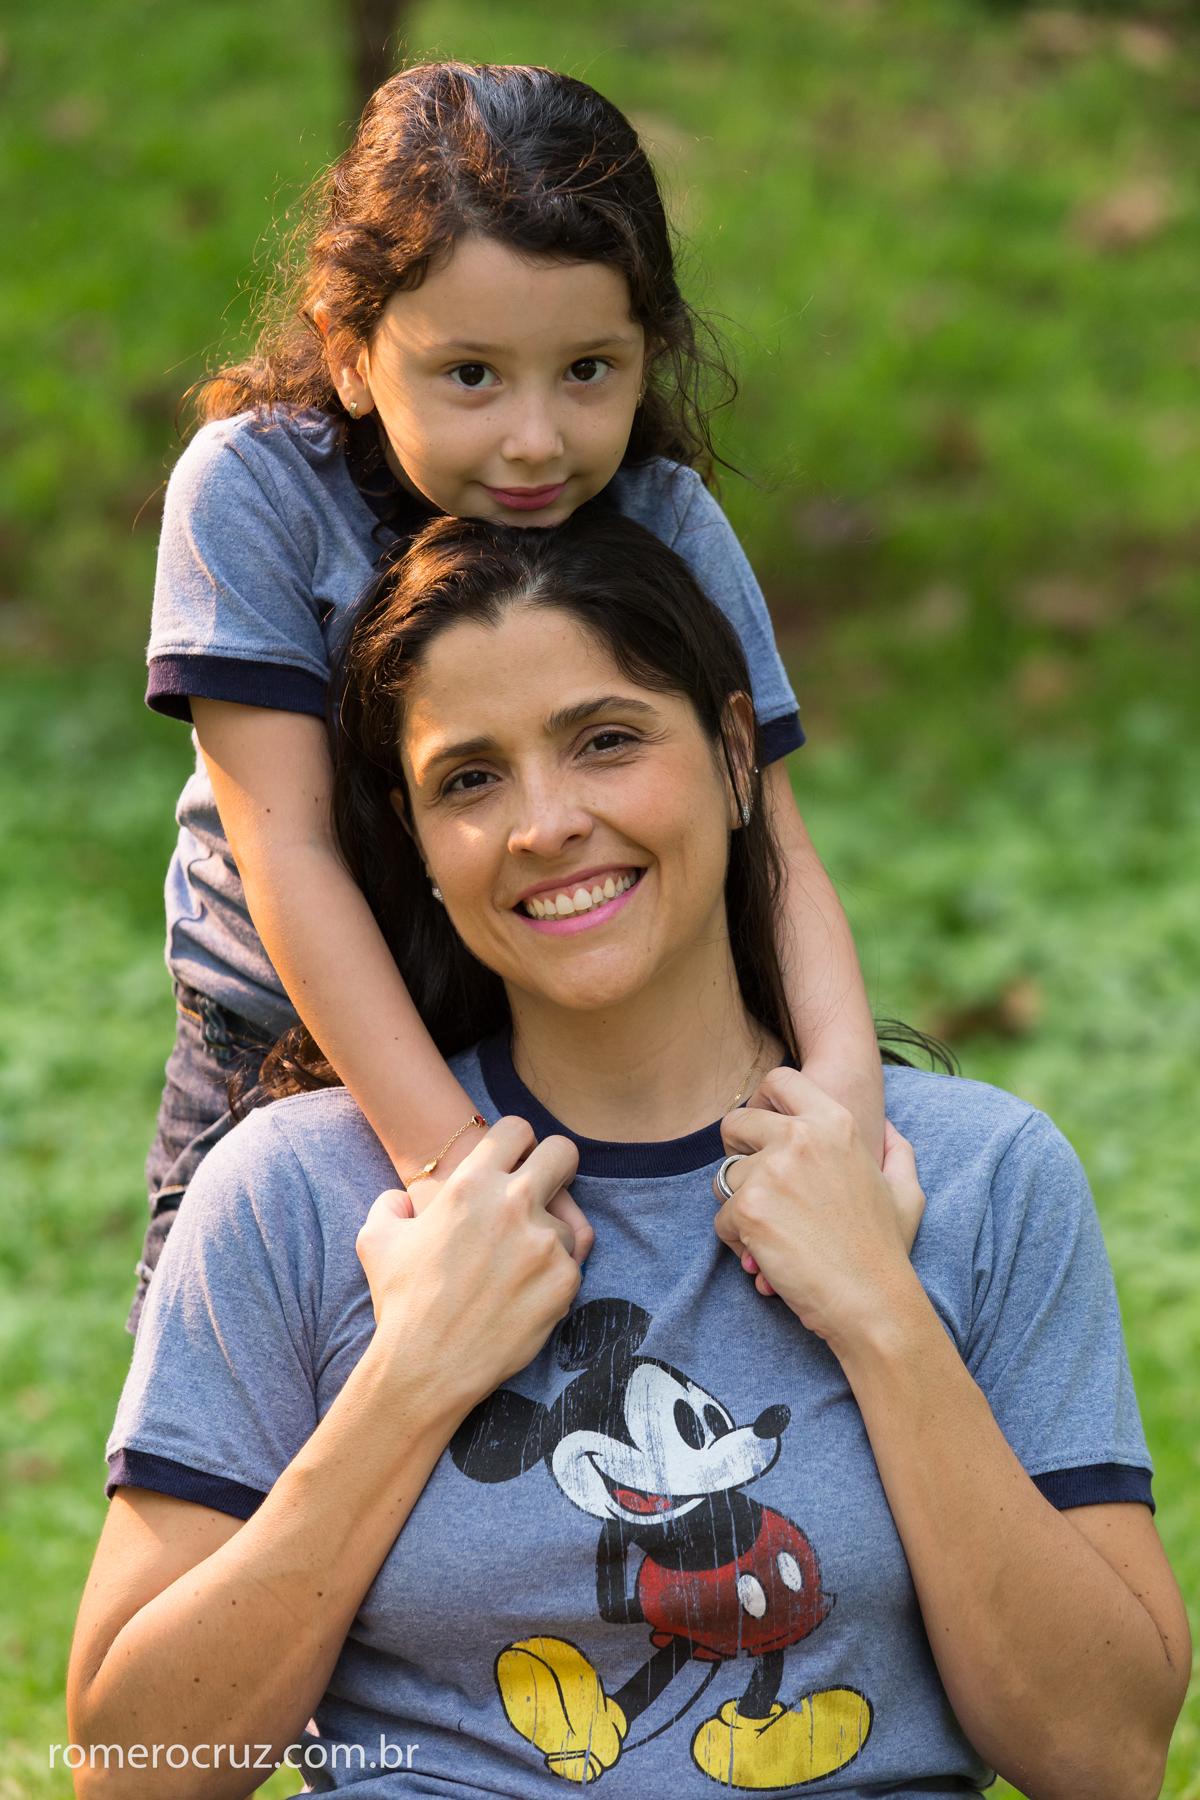 Carla e Anna mãe e filha em lindo ensaio feito pelo fotógrafo Romero Cruz